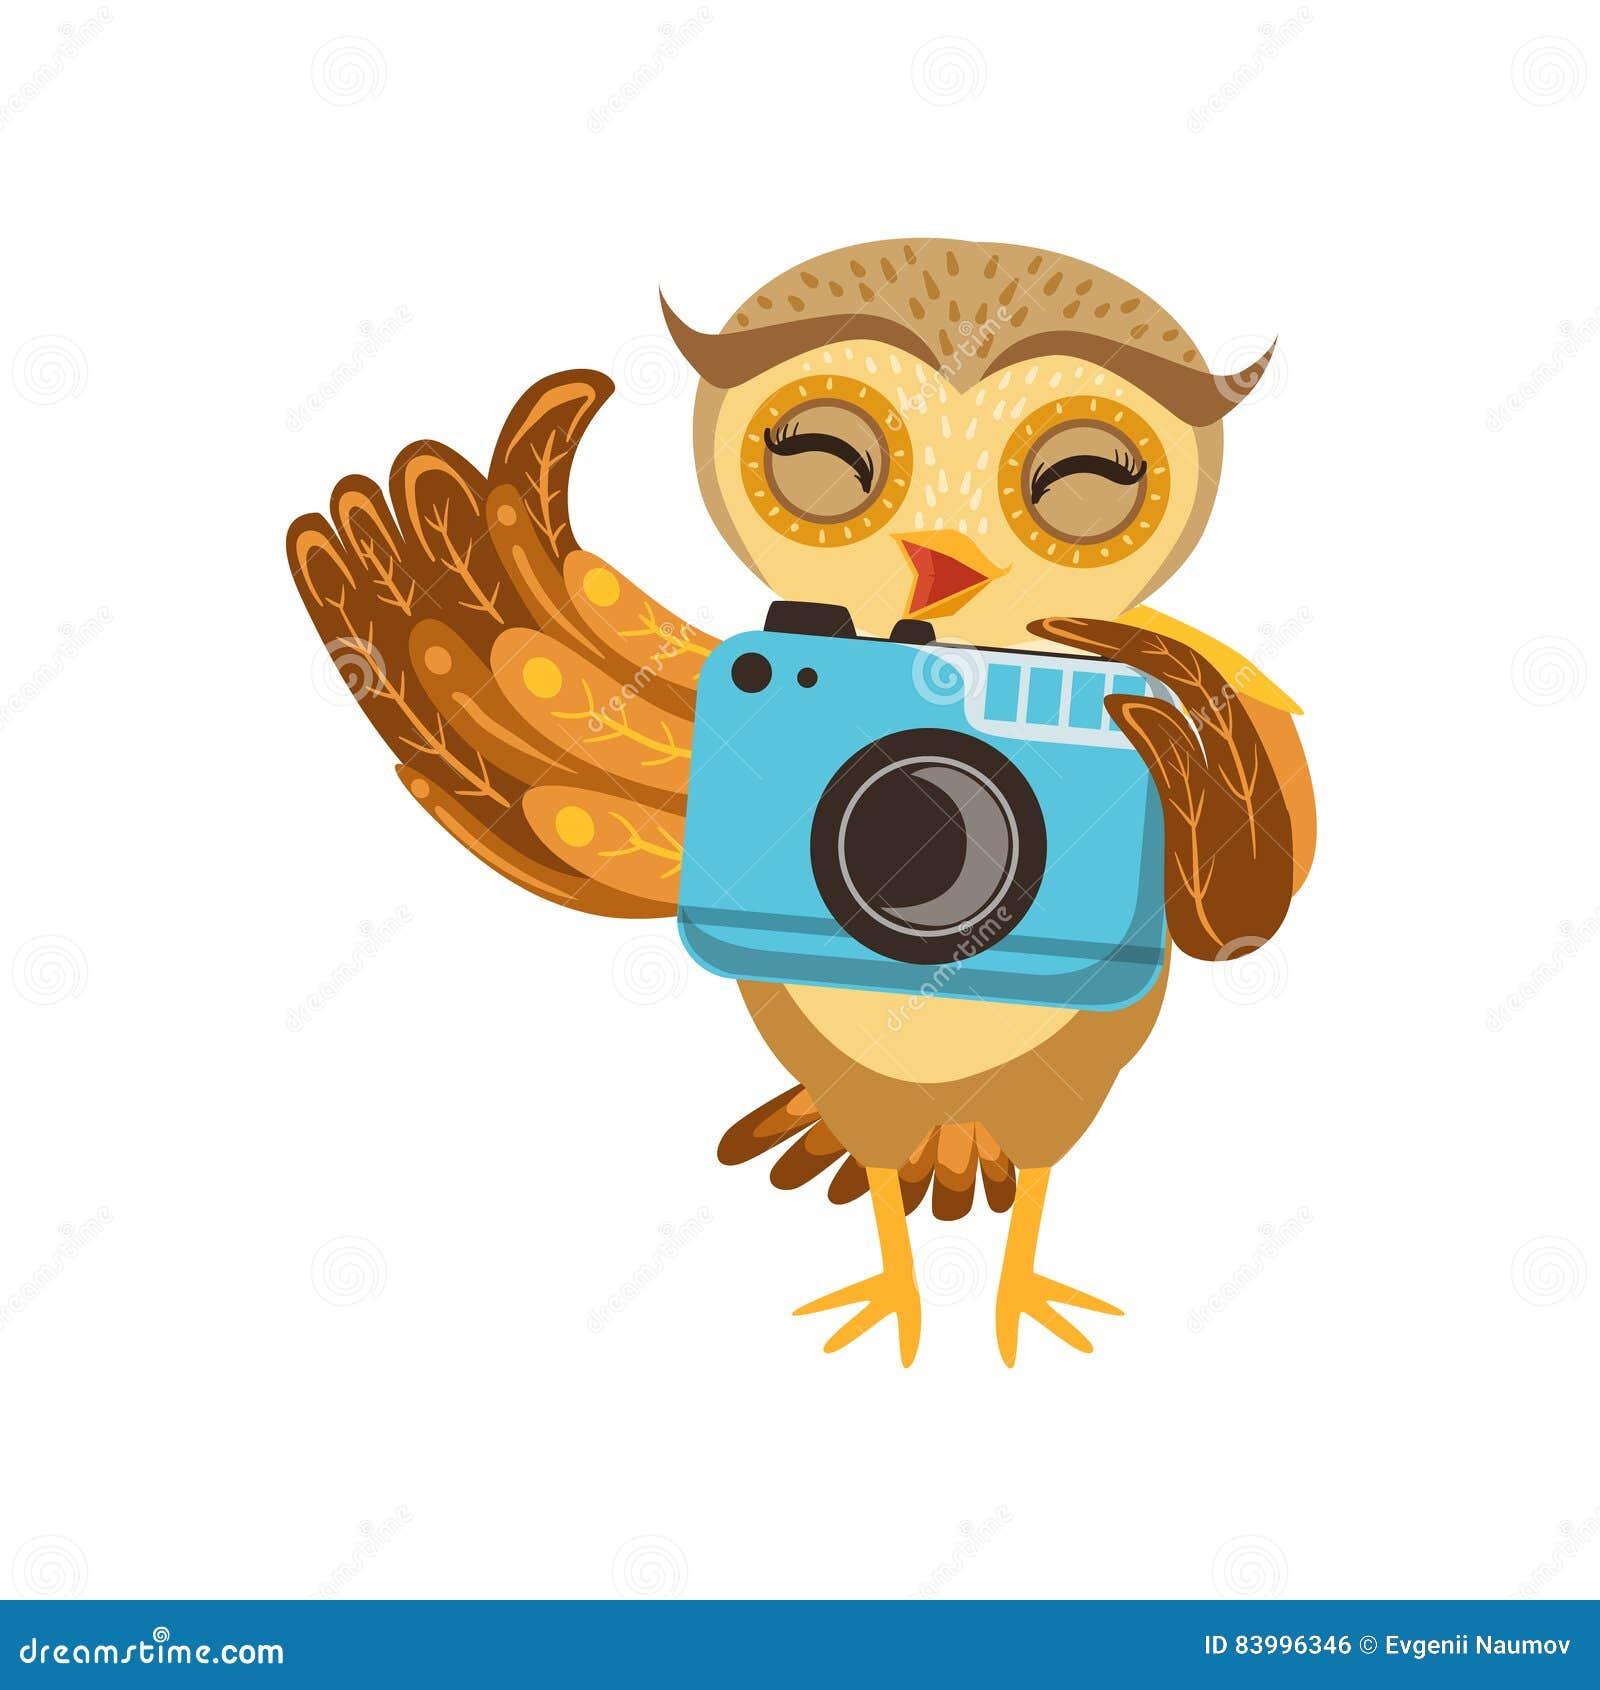 Carácter Emoji de Owl With Camera Cute Cartoon del turista con Forest Bird Showing Human Emotions y comportamiento